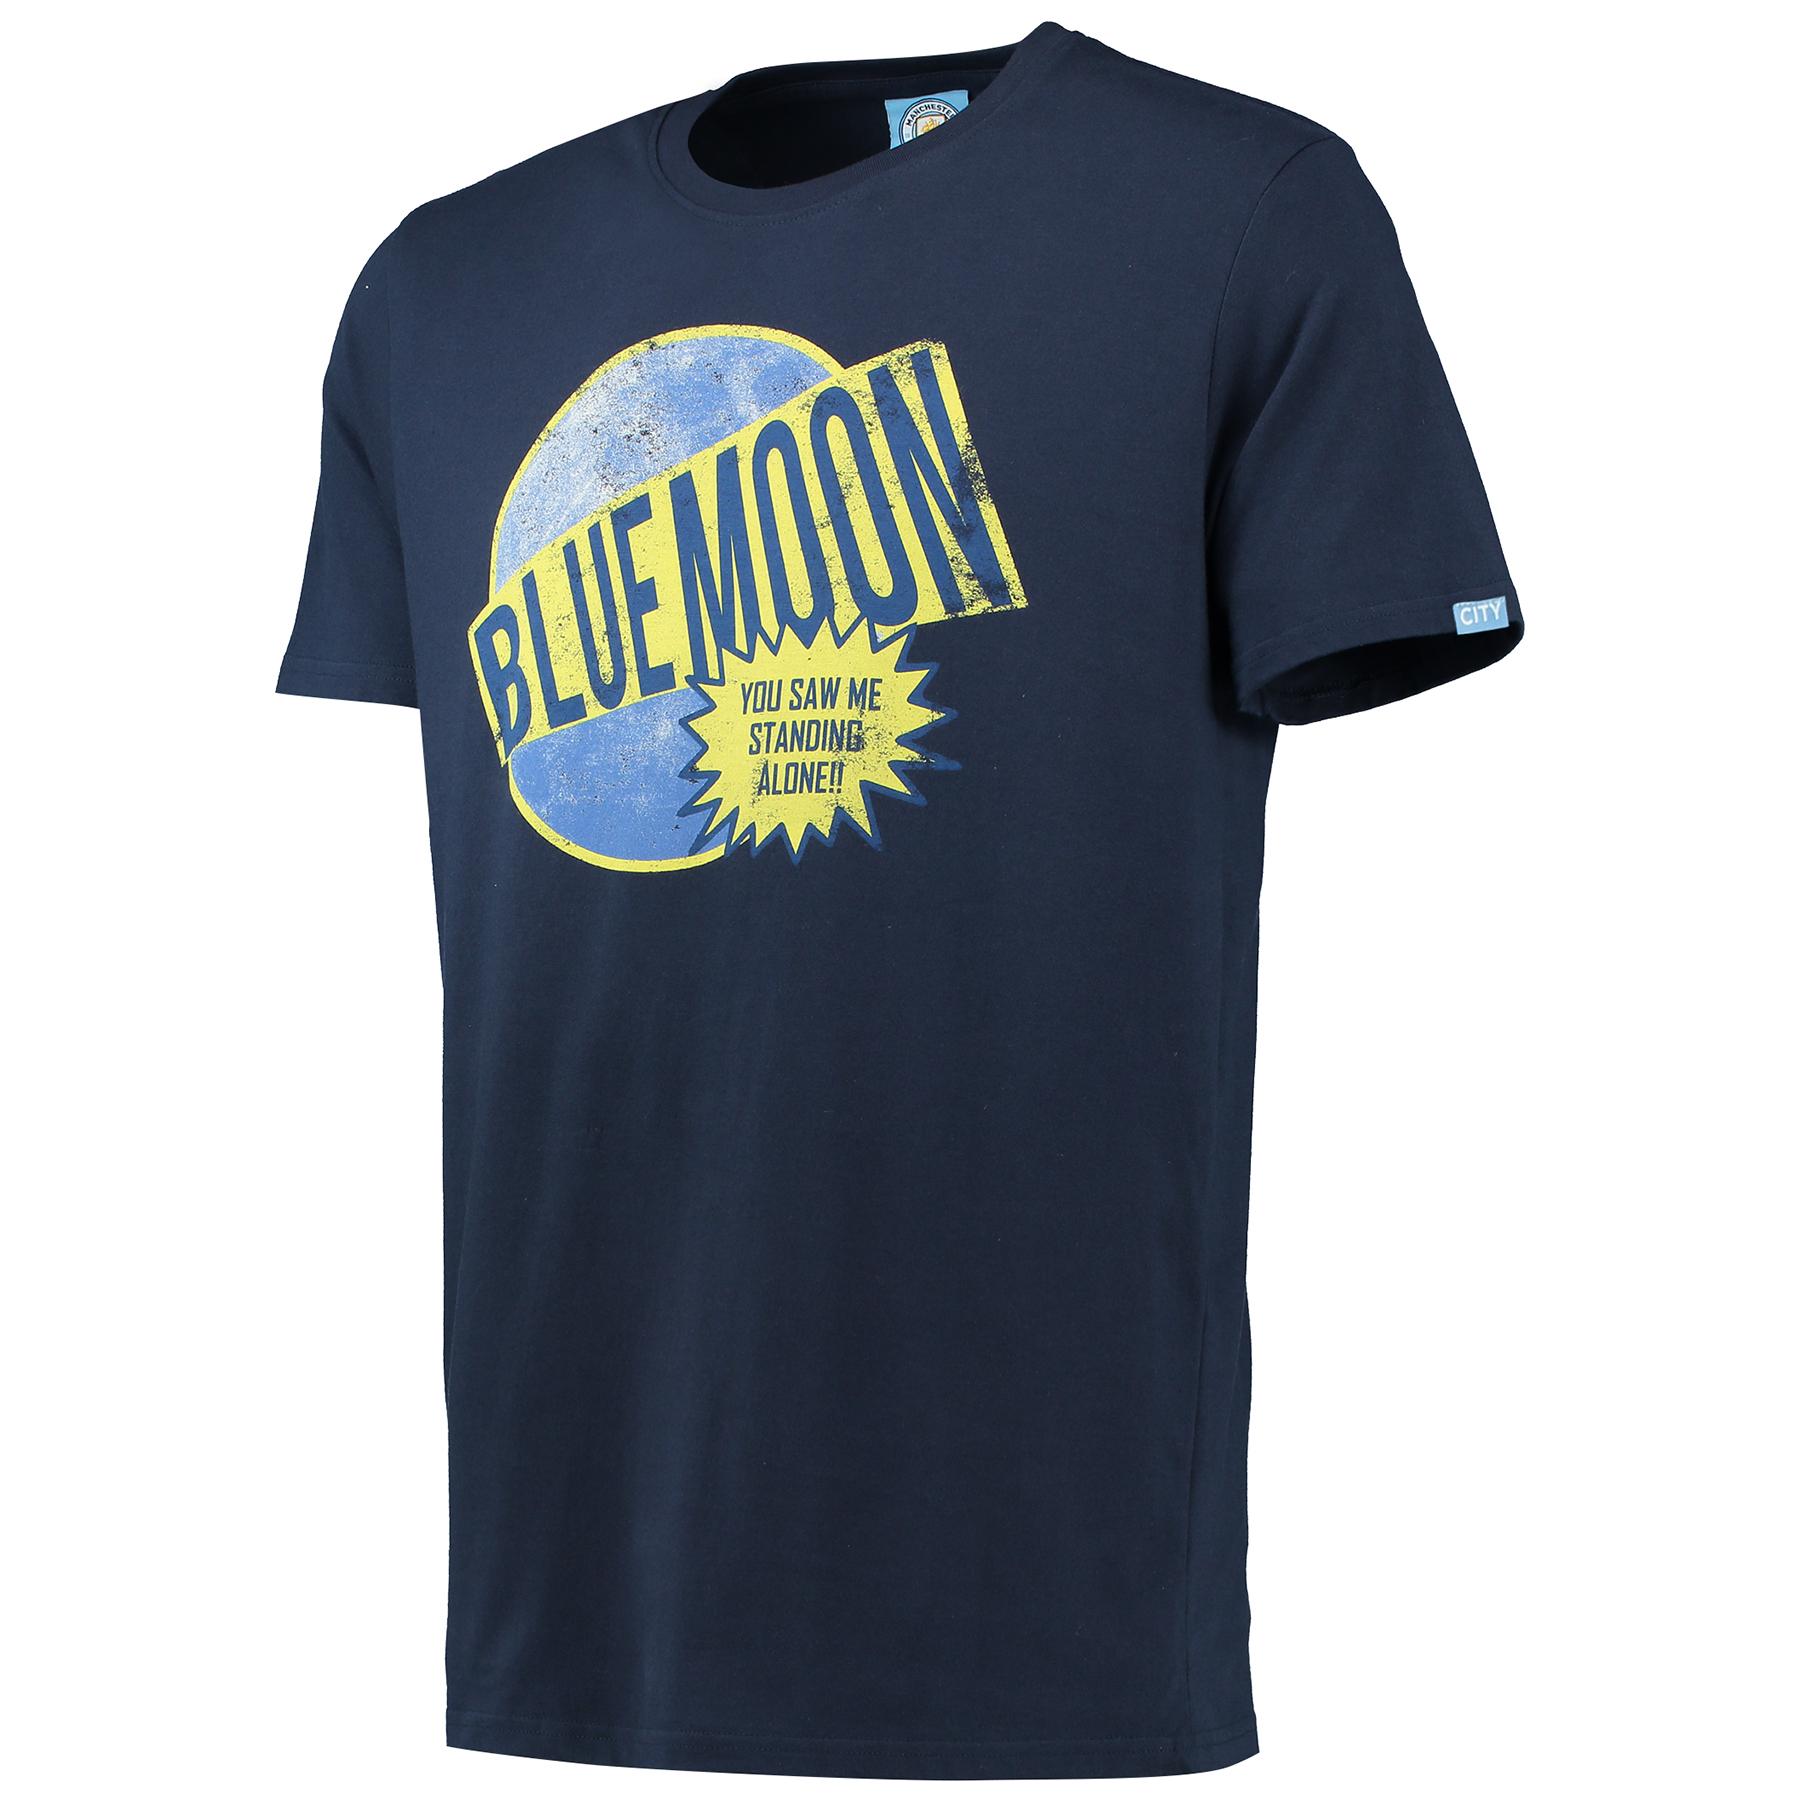 Manchester City Blue Moon T-Shirt - Navy